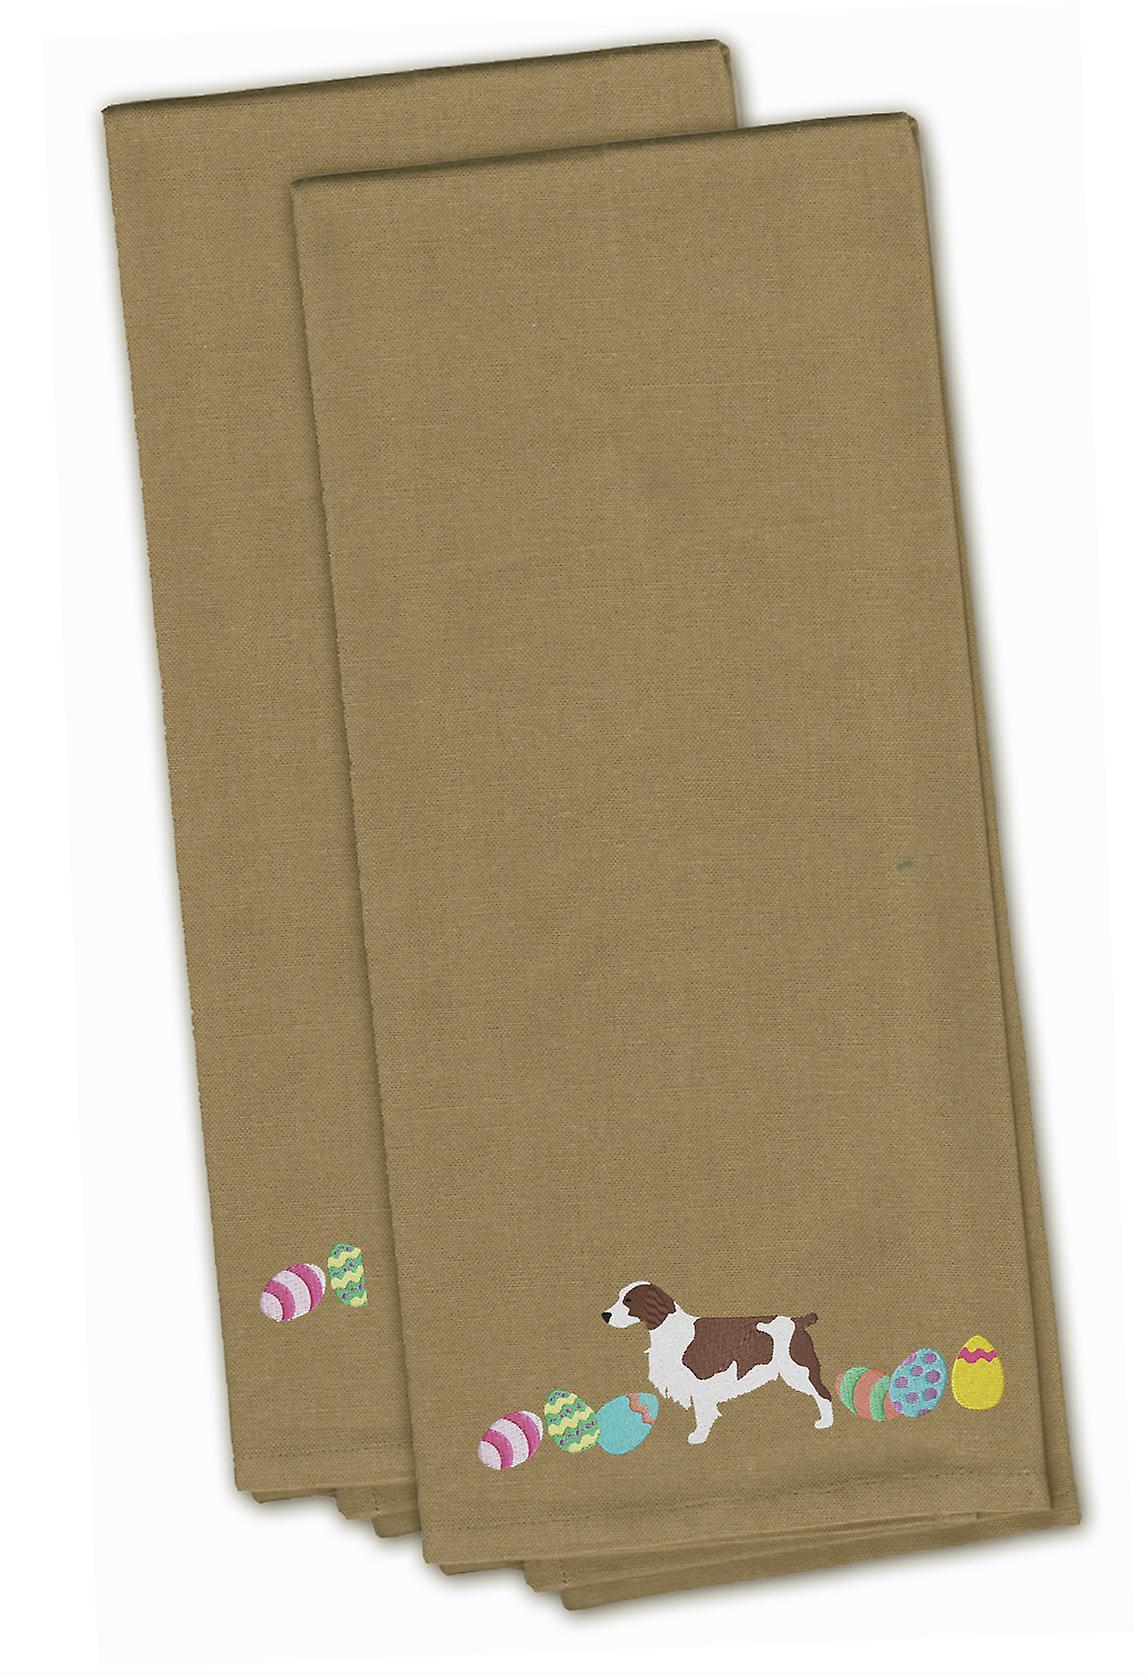 Welsh Springer Spaniel Pasen Tan geborduurd keuken handdoek Set van 2